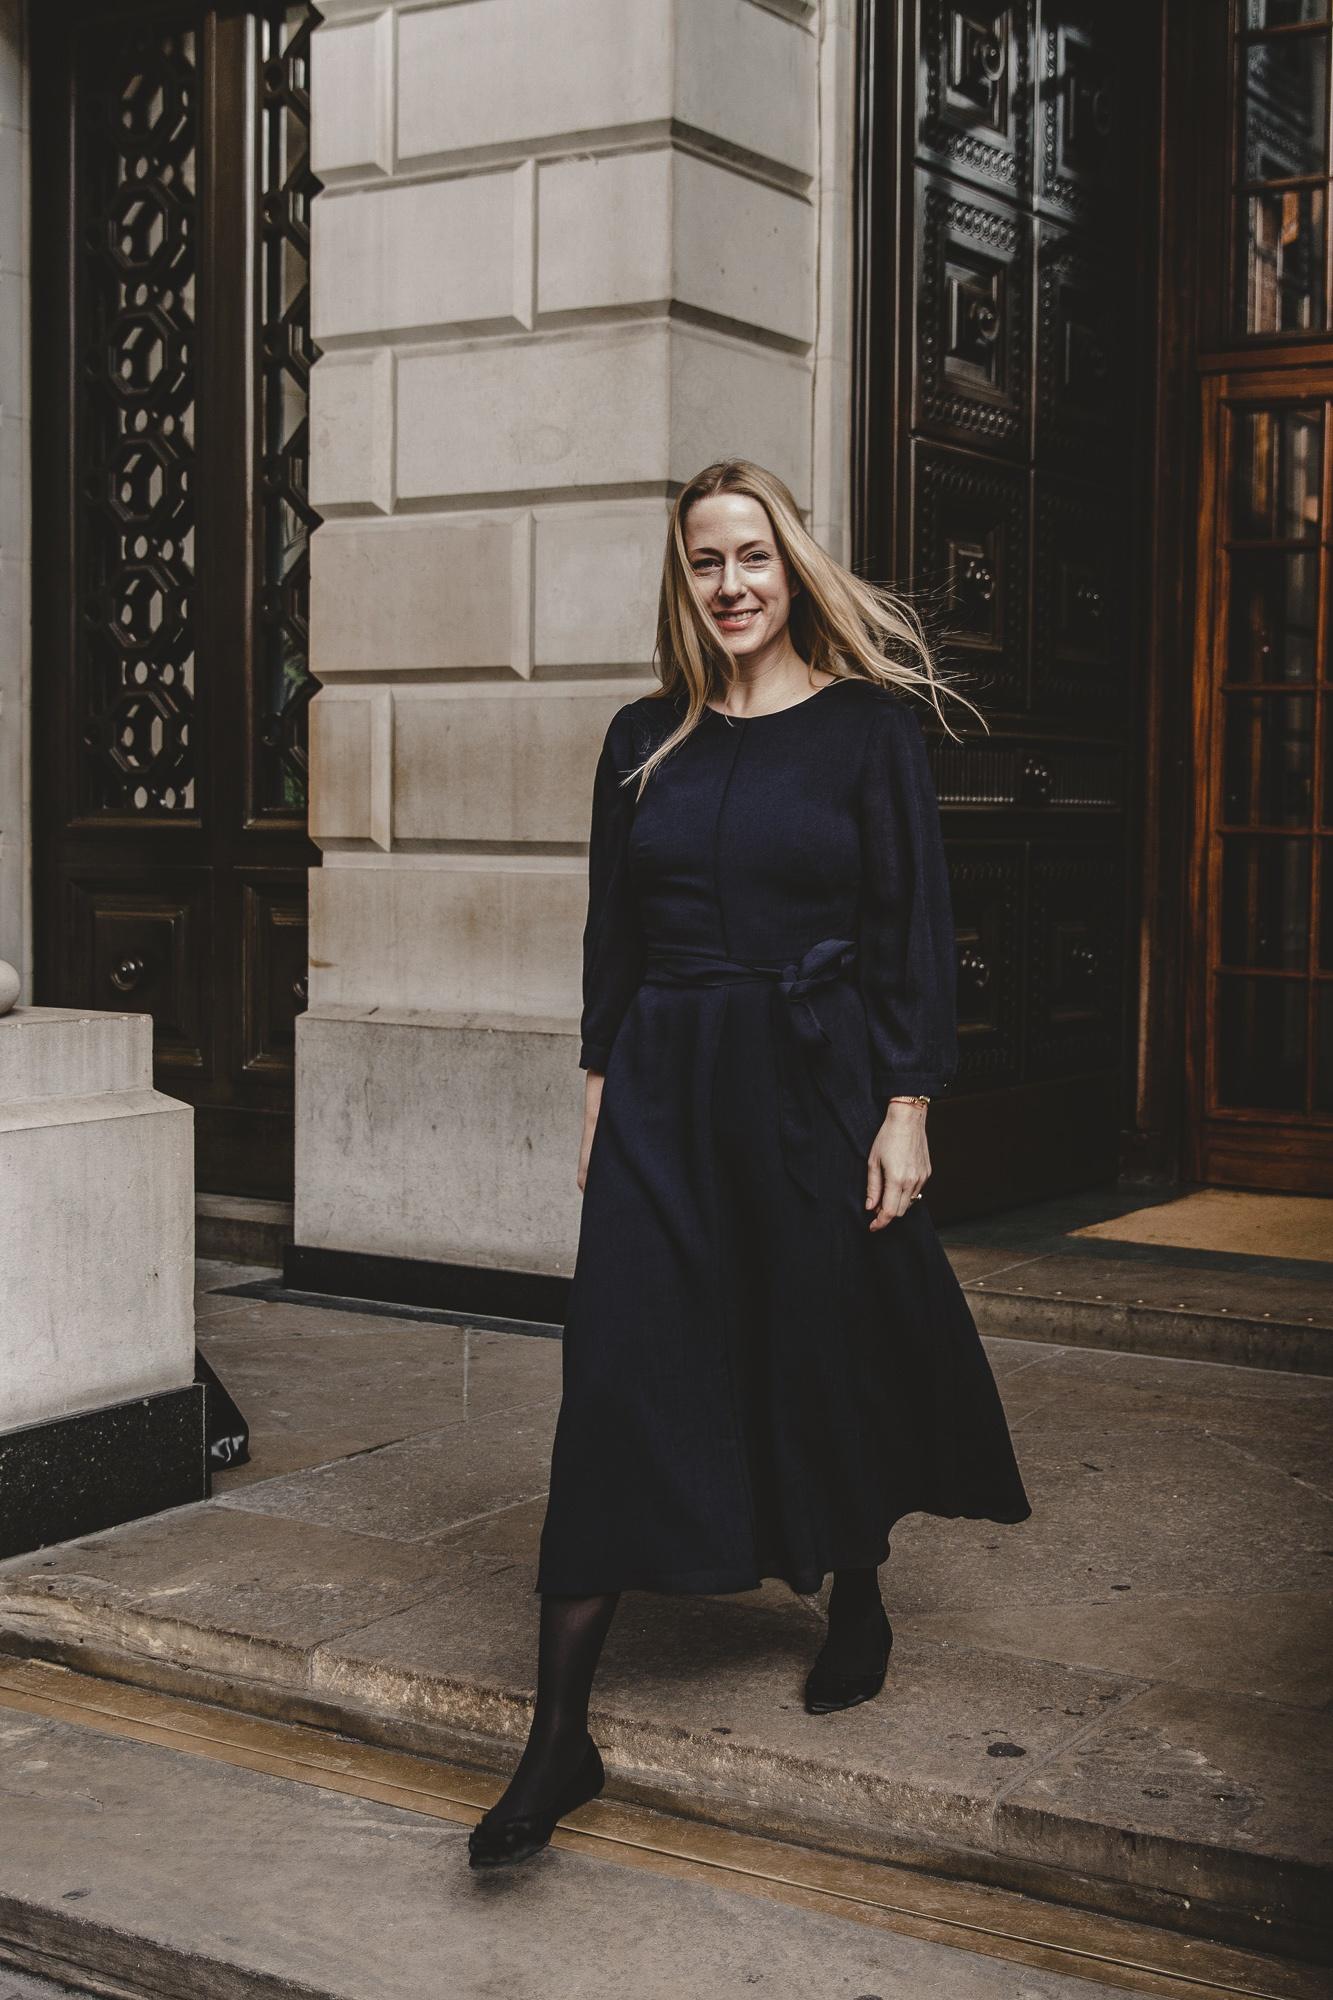 Mein London-Look feat. Cefinn: Teil 1 –Das blaue Kleid  Anzeige, enthält Affiliate Links